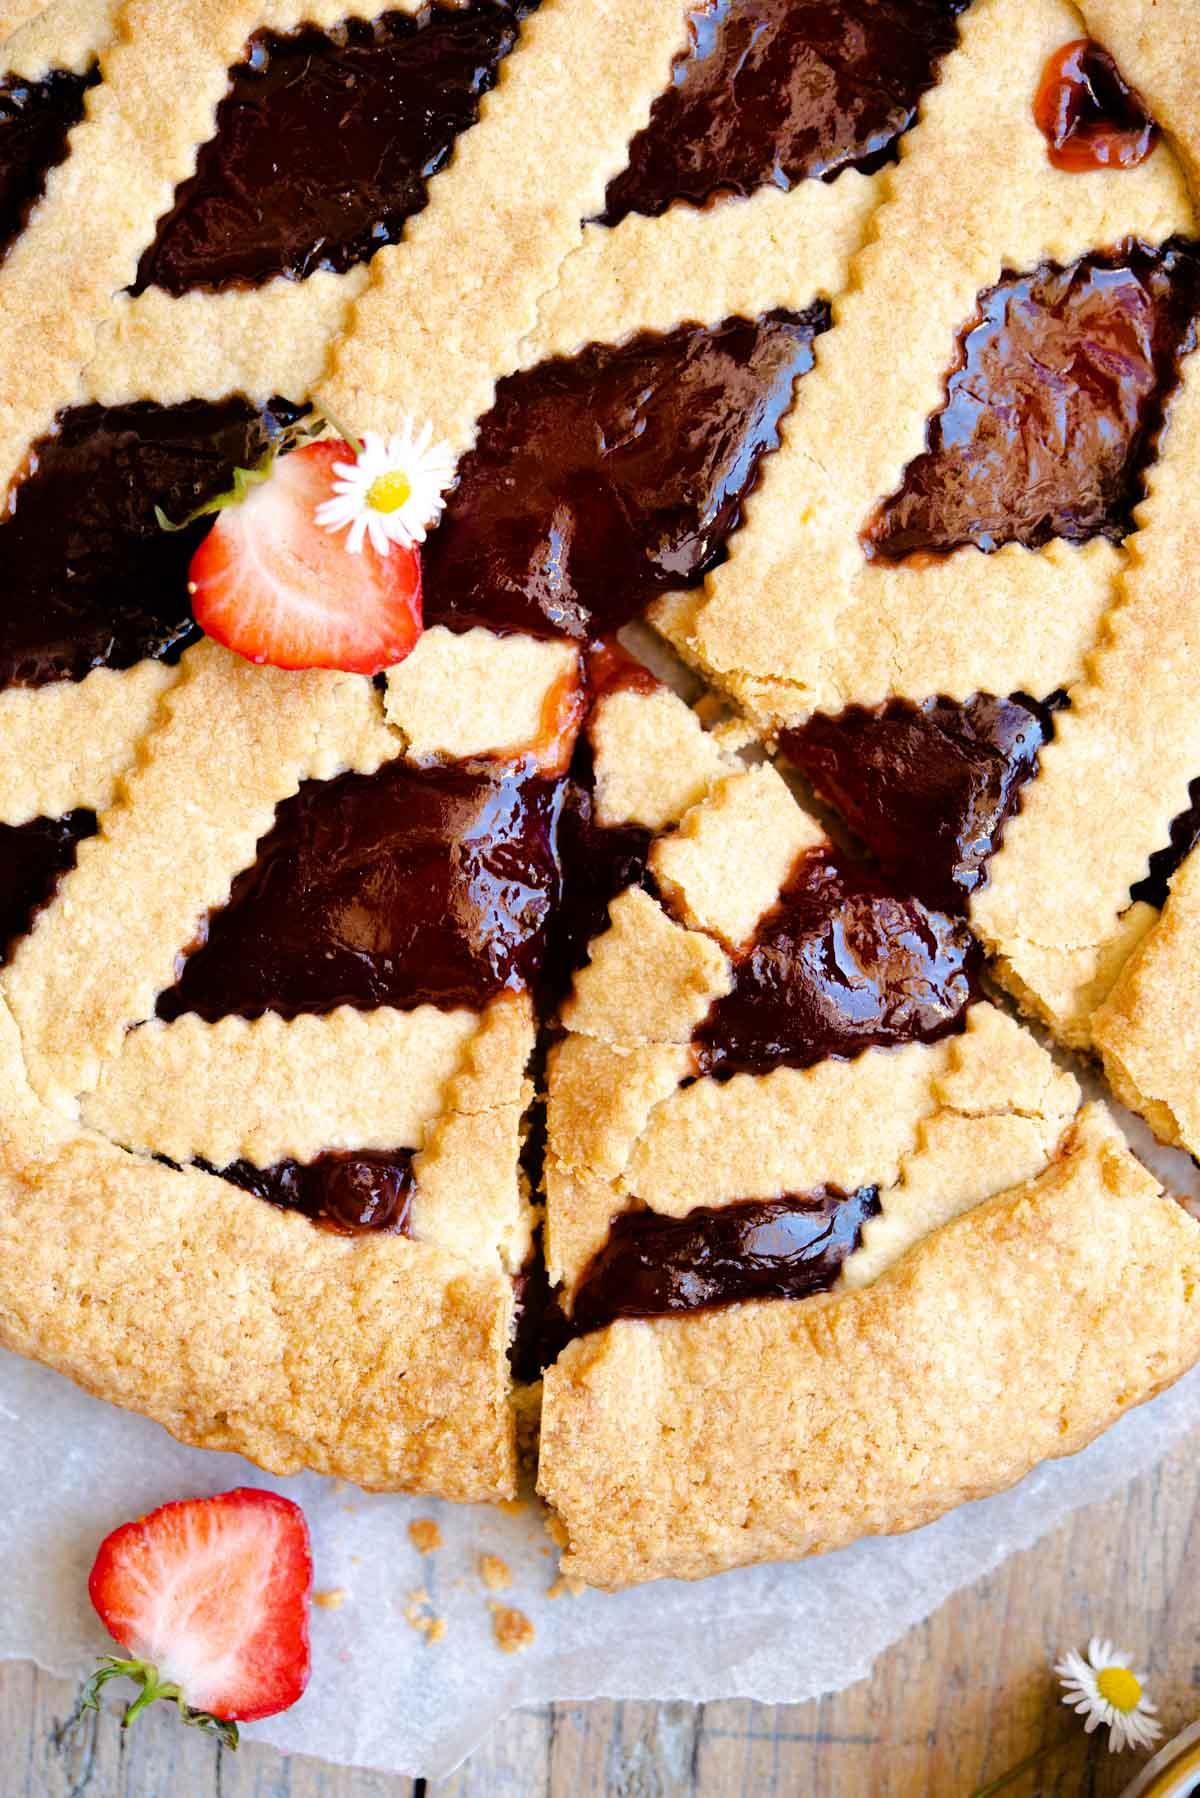 An overhead close up shot an Italian jam tart